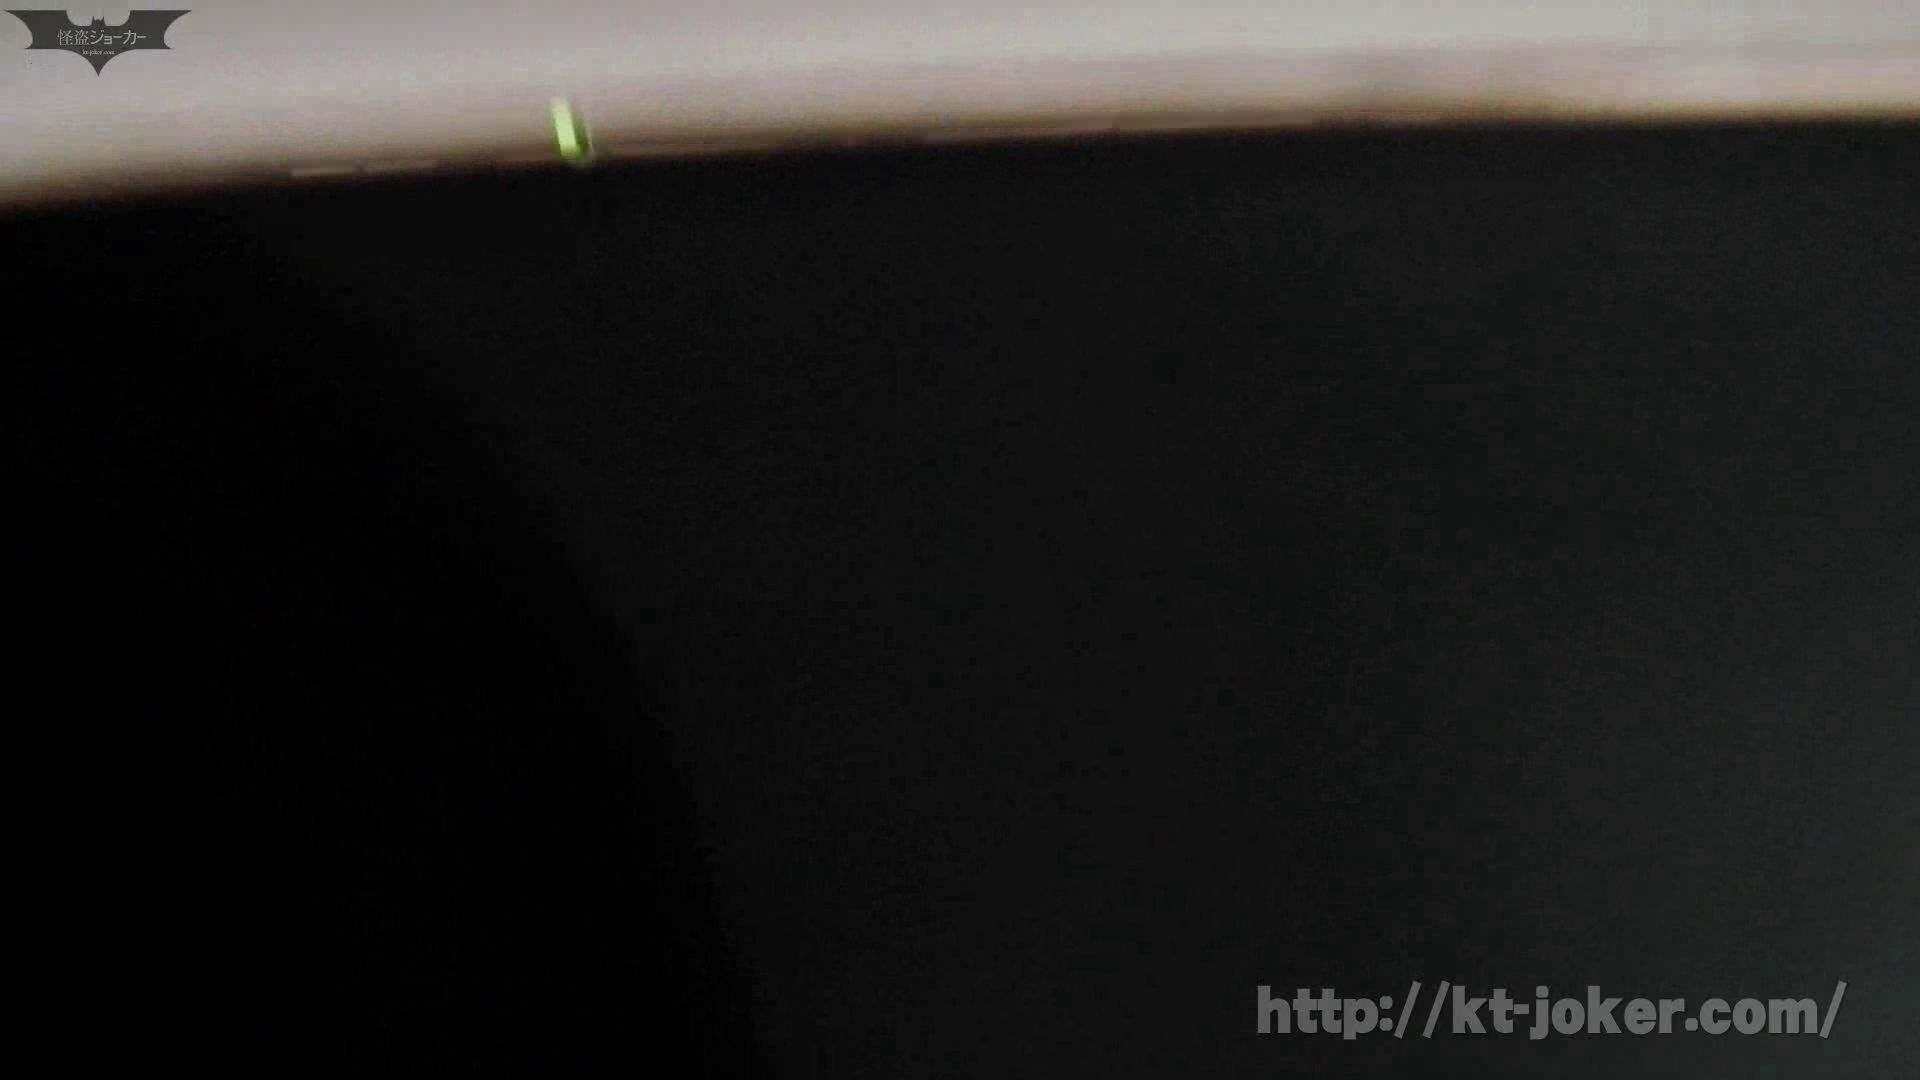 命がけ潜伏洗面所! vol.55 モデル級?「いやモデルだね!」な美女登場! そそるぜモデル オメコ無修正動画無料 92連発 11